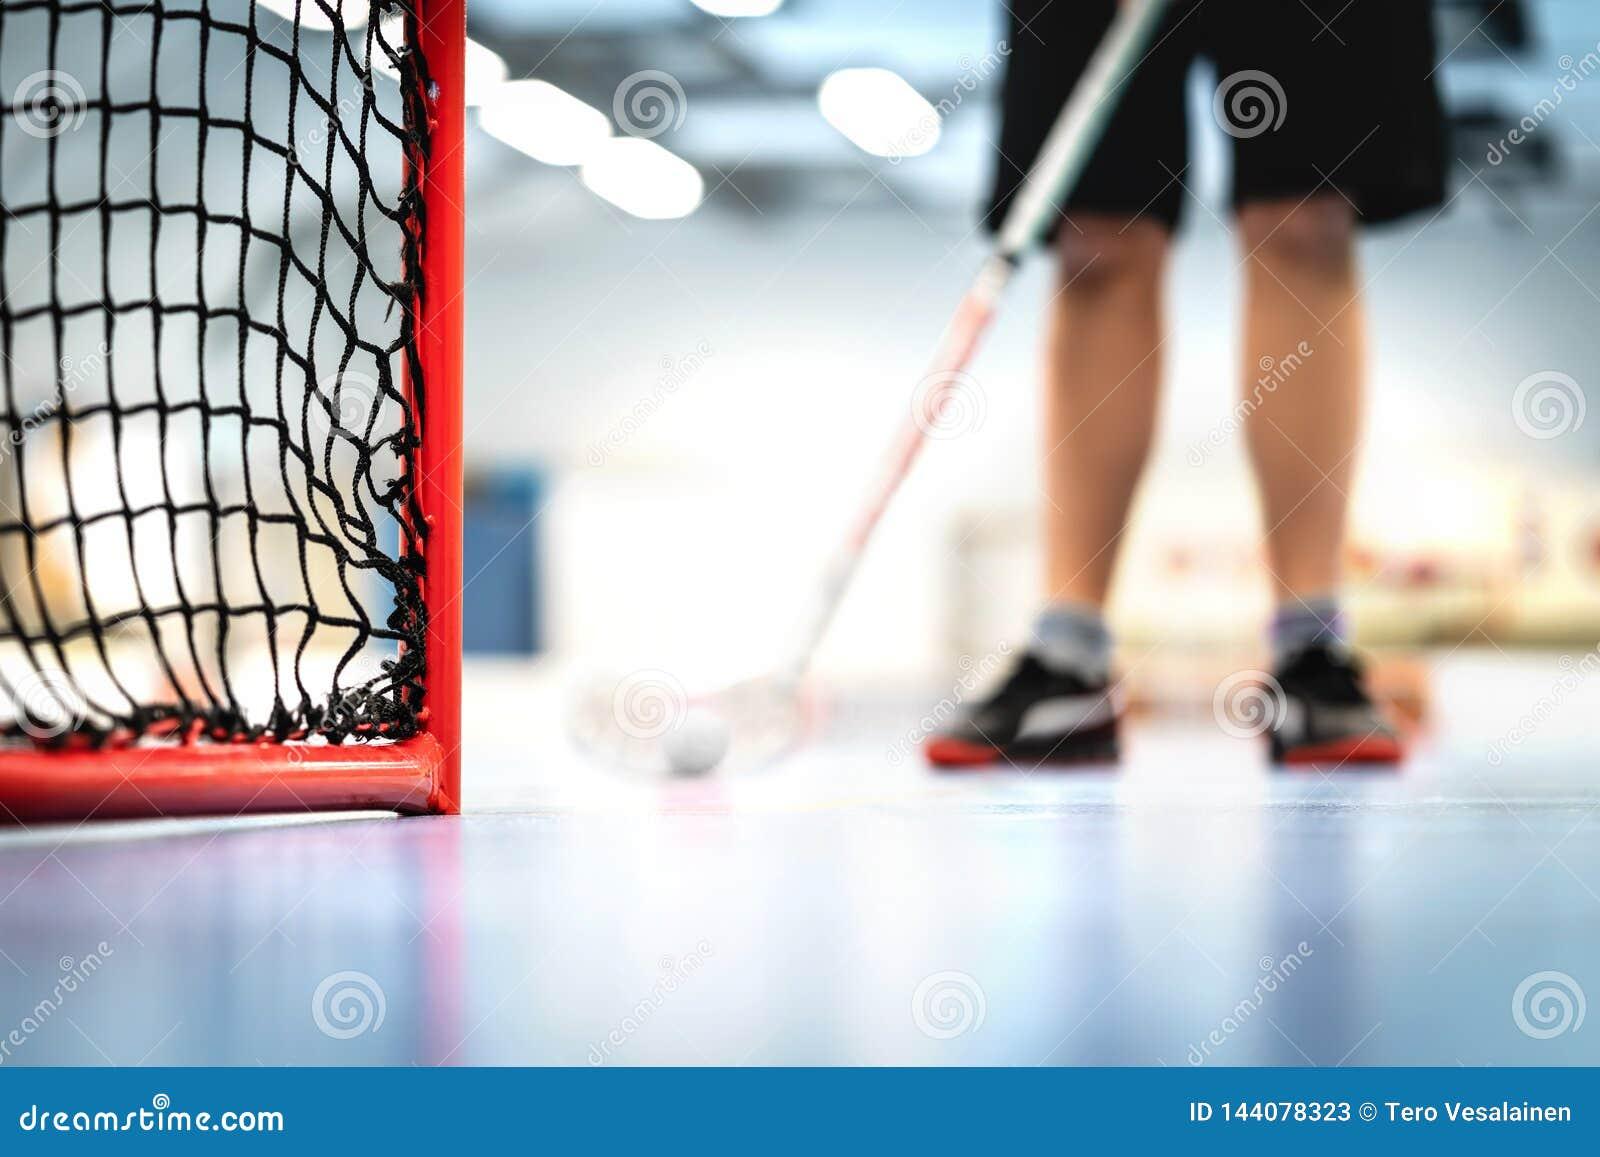 Floorball mål och netto Spelareutbildning i bakgrunden Man som spelar golvhockey